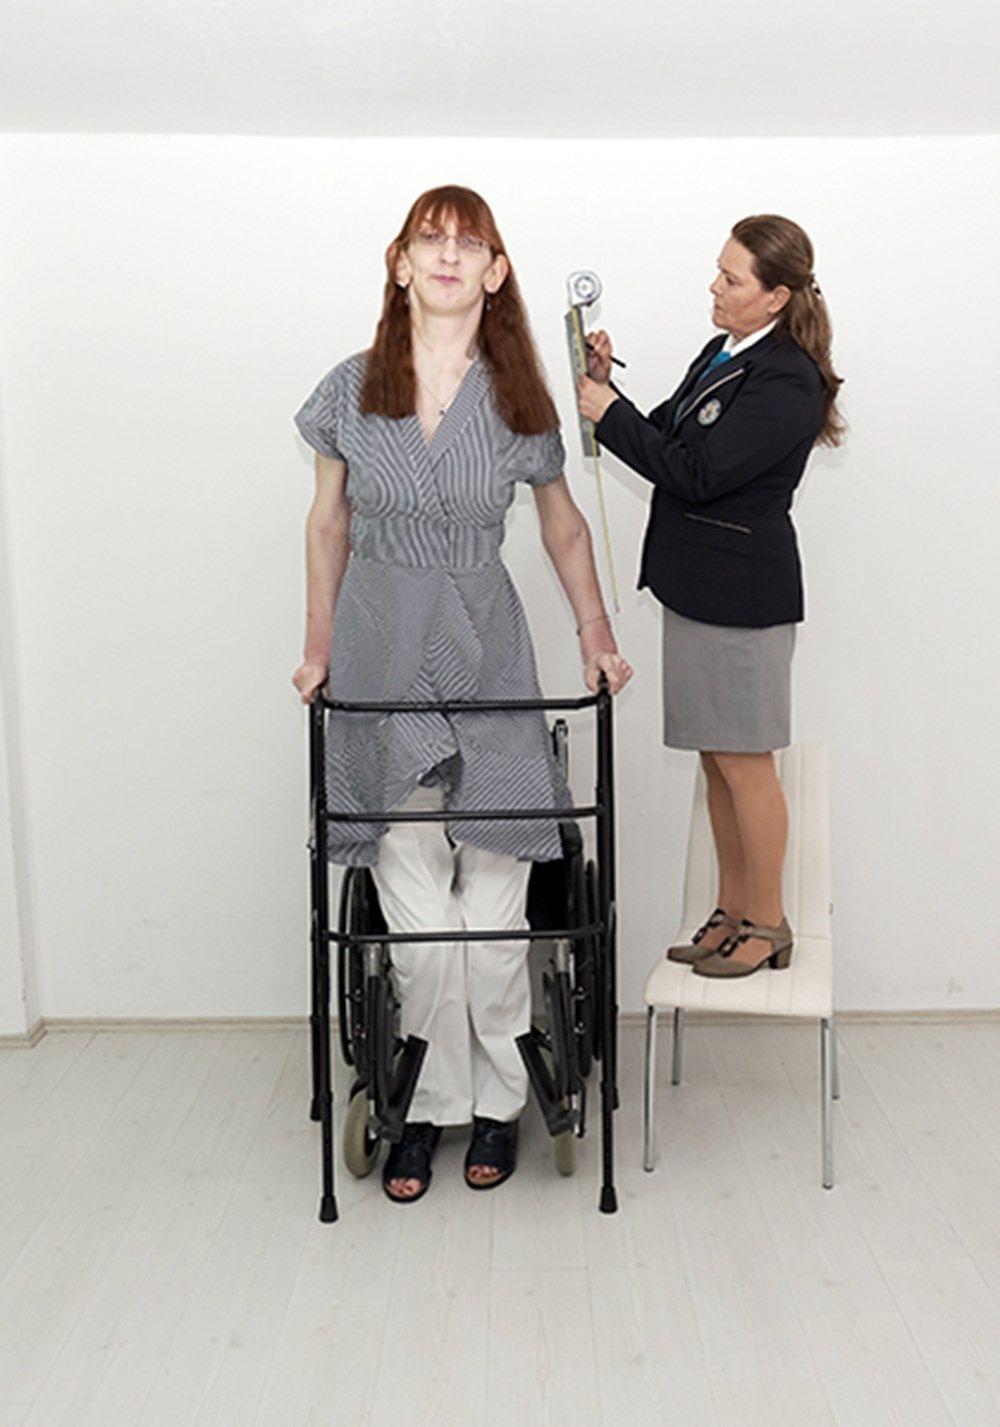 Dünyanın en uzun boylu kadını Rümeysa Gelgi, Guinness Rekorlar Kitabı'na girdi - Resim: 2